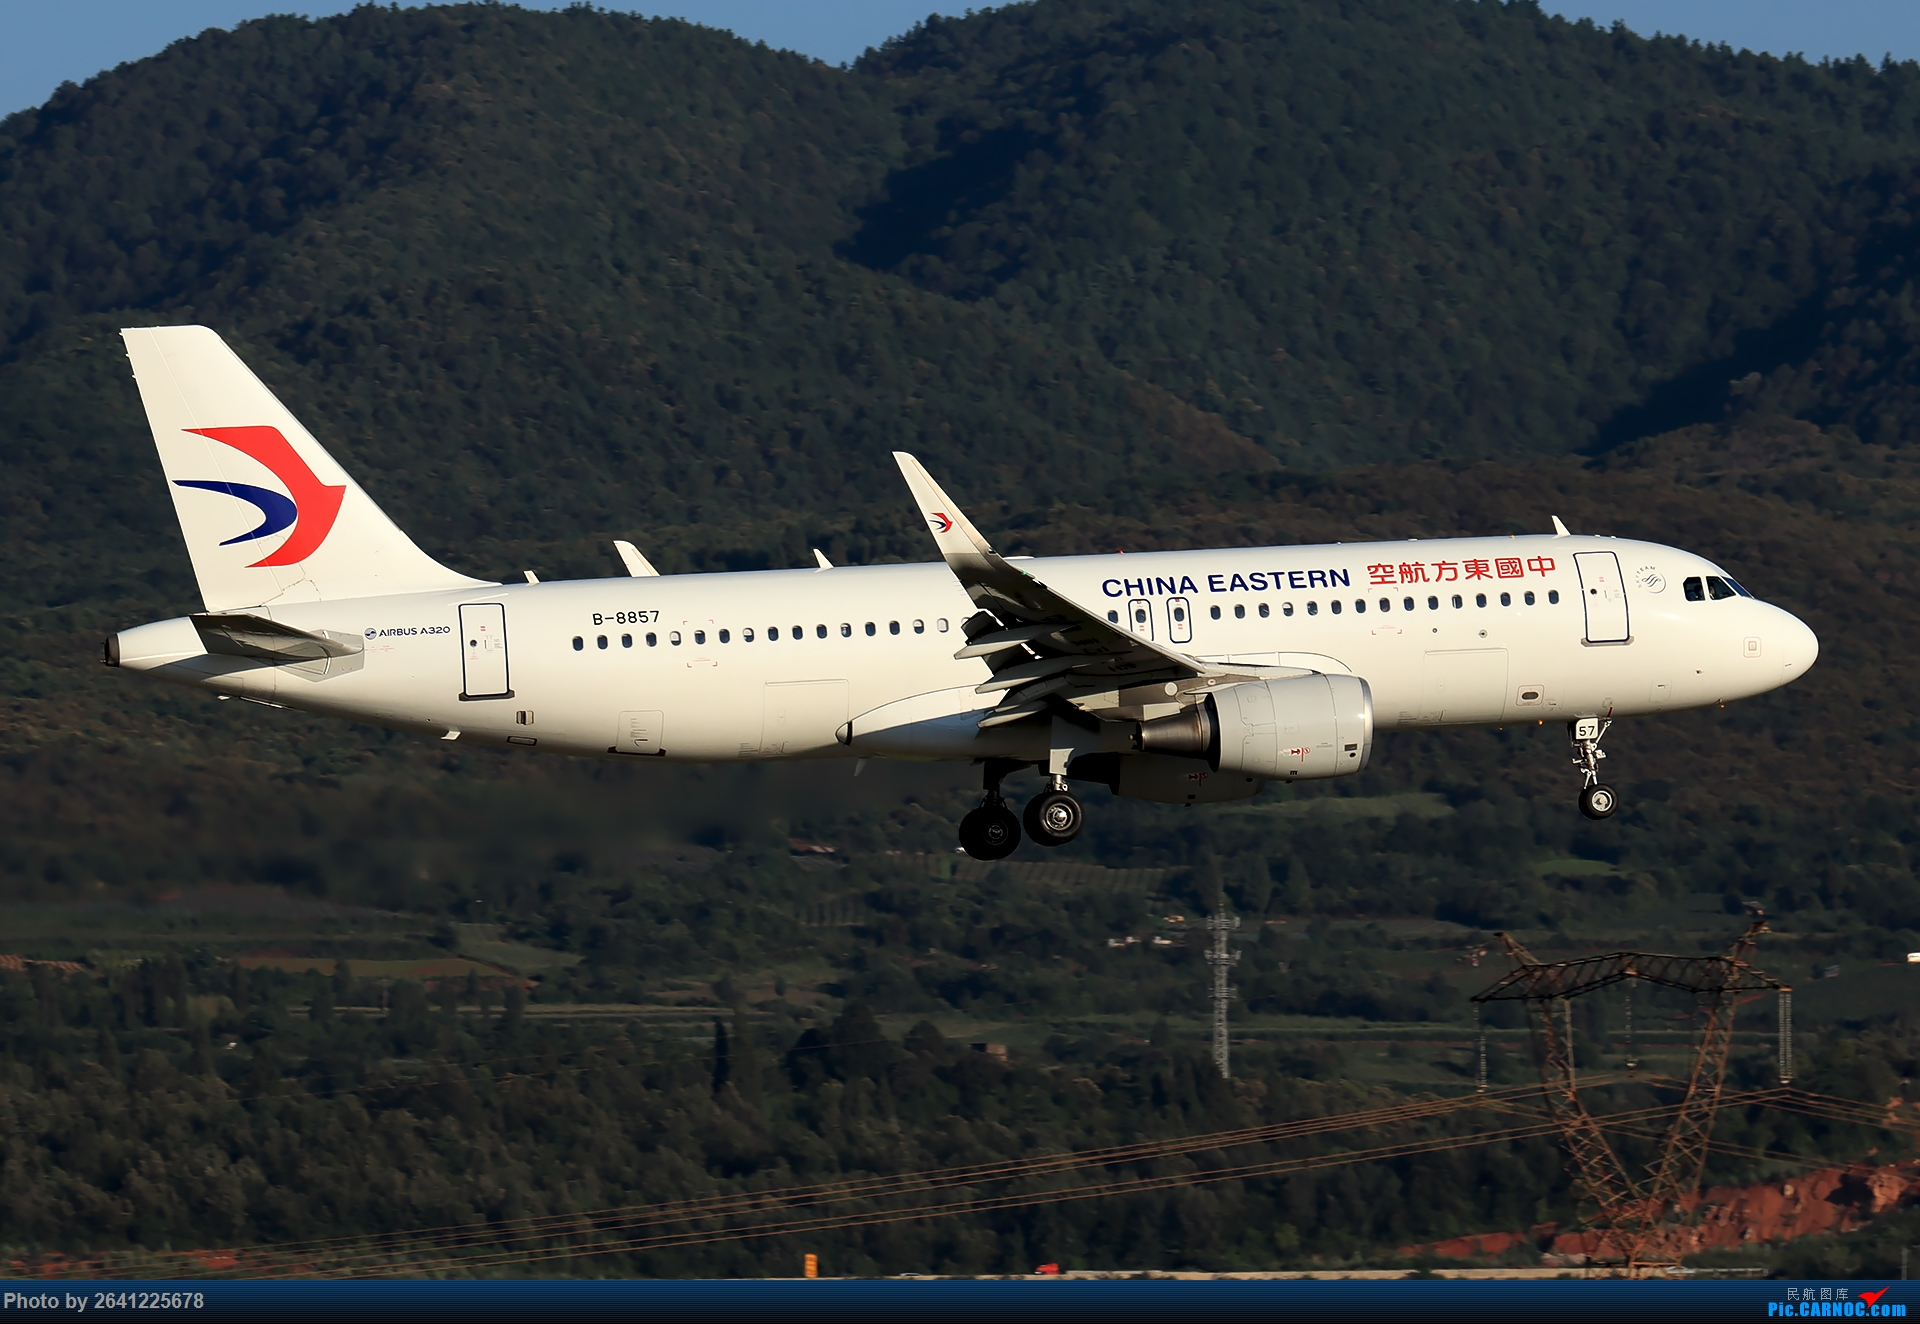 Re:[原创]【KMG】又见长水(1) AIRBUS A320-200 B-8857 中国昆明长水国际机场